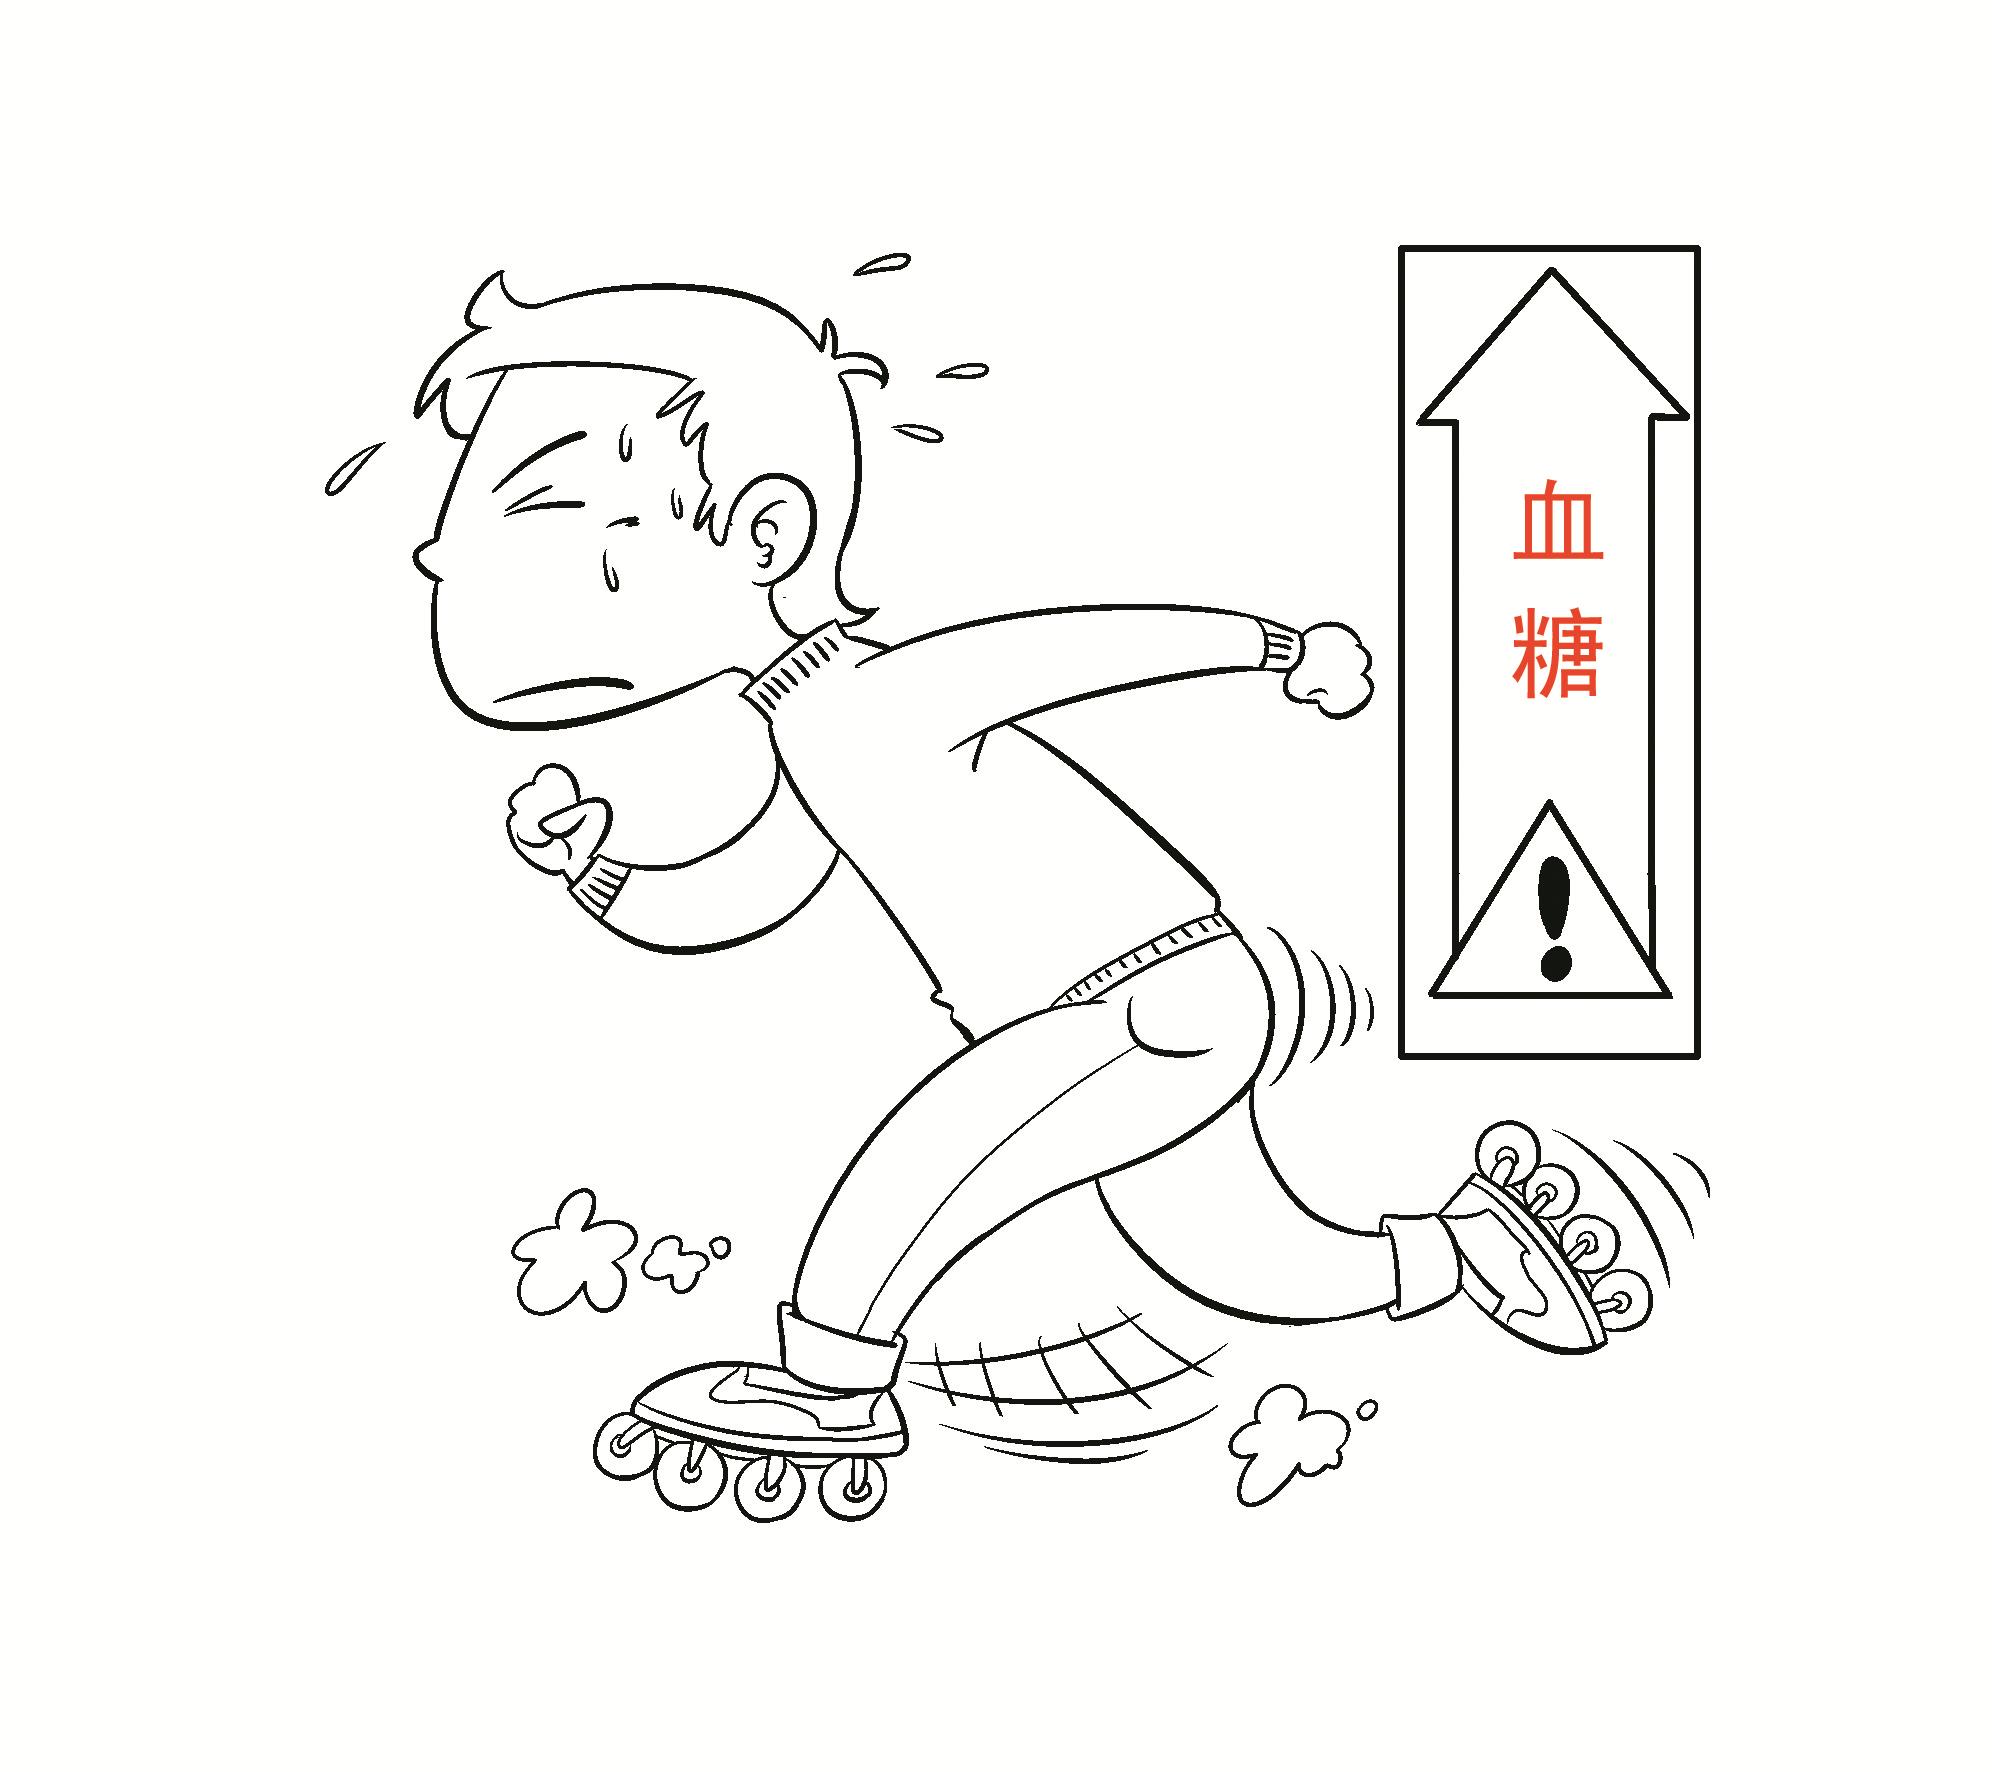 为什么运动的同时要注重血糖